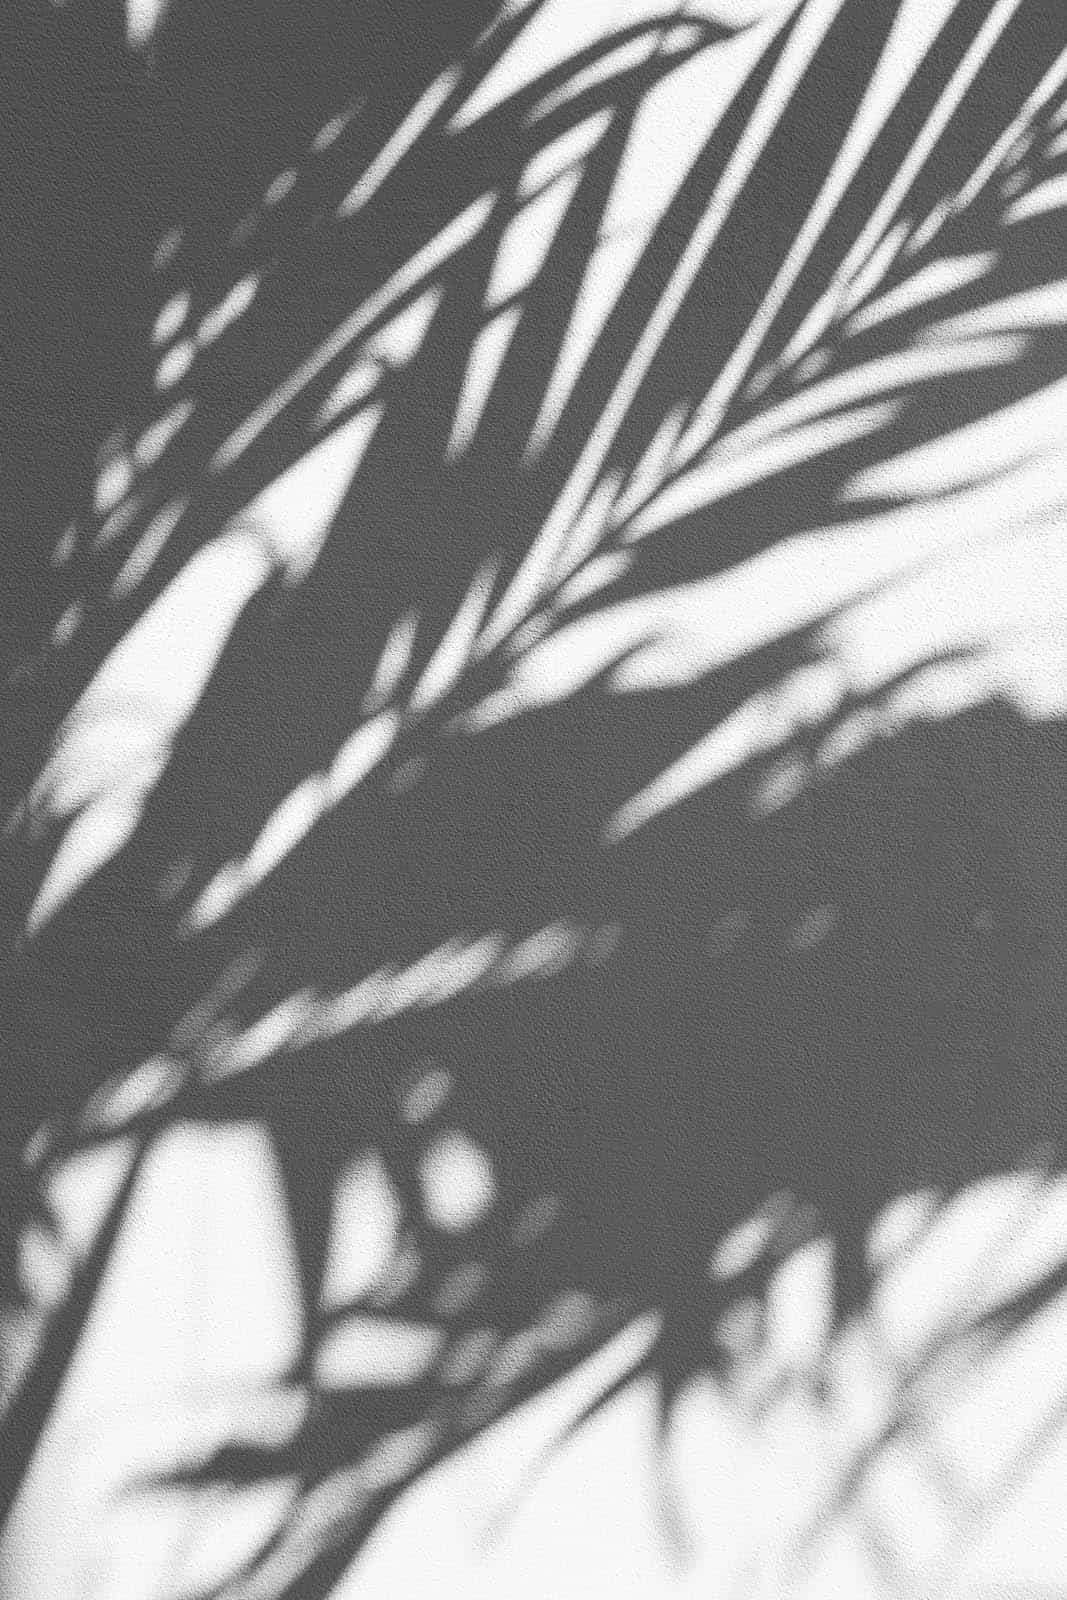 Een schaduw van palmboom bladen